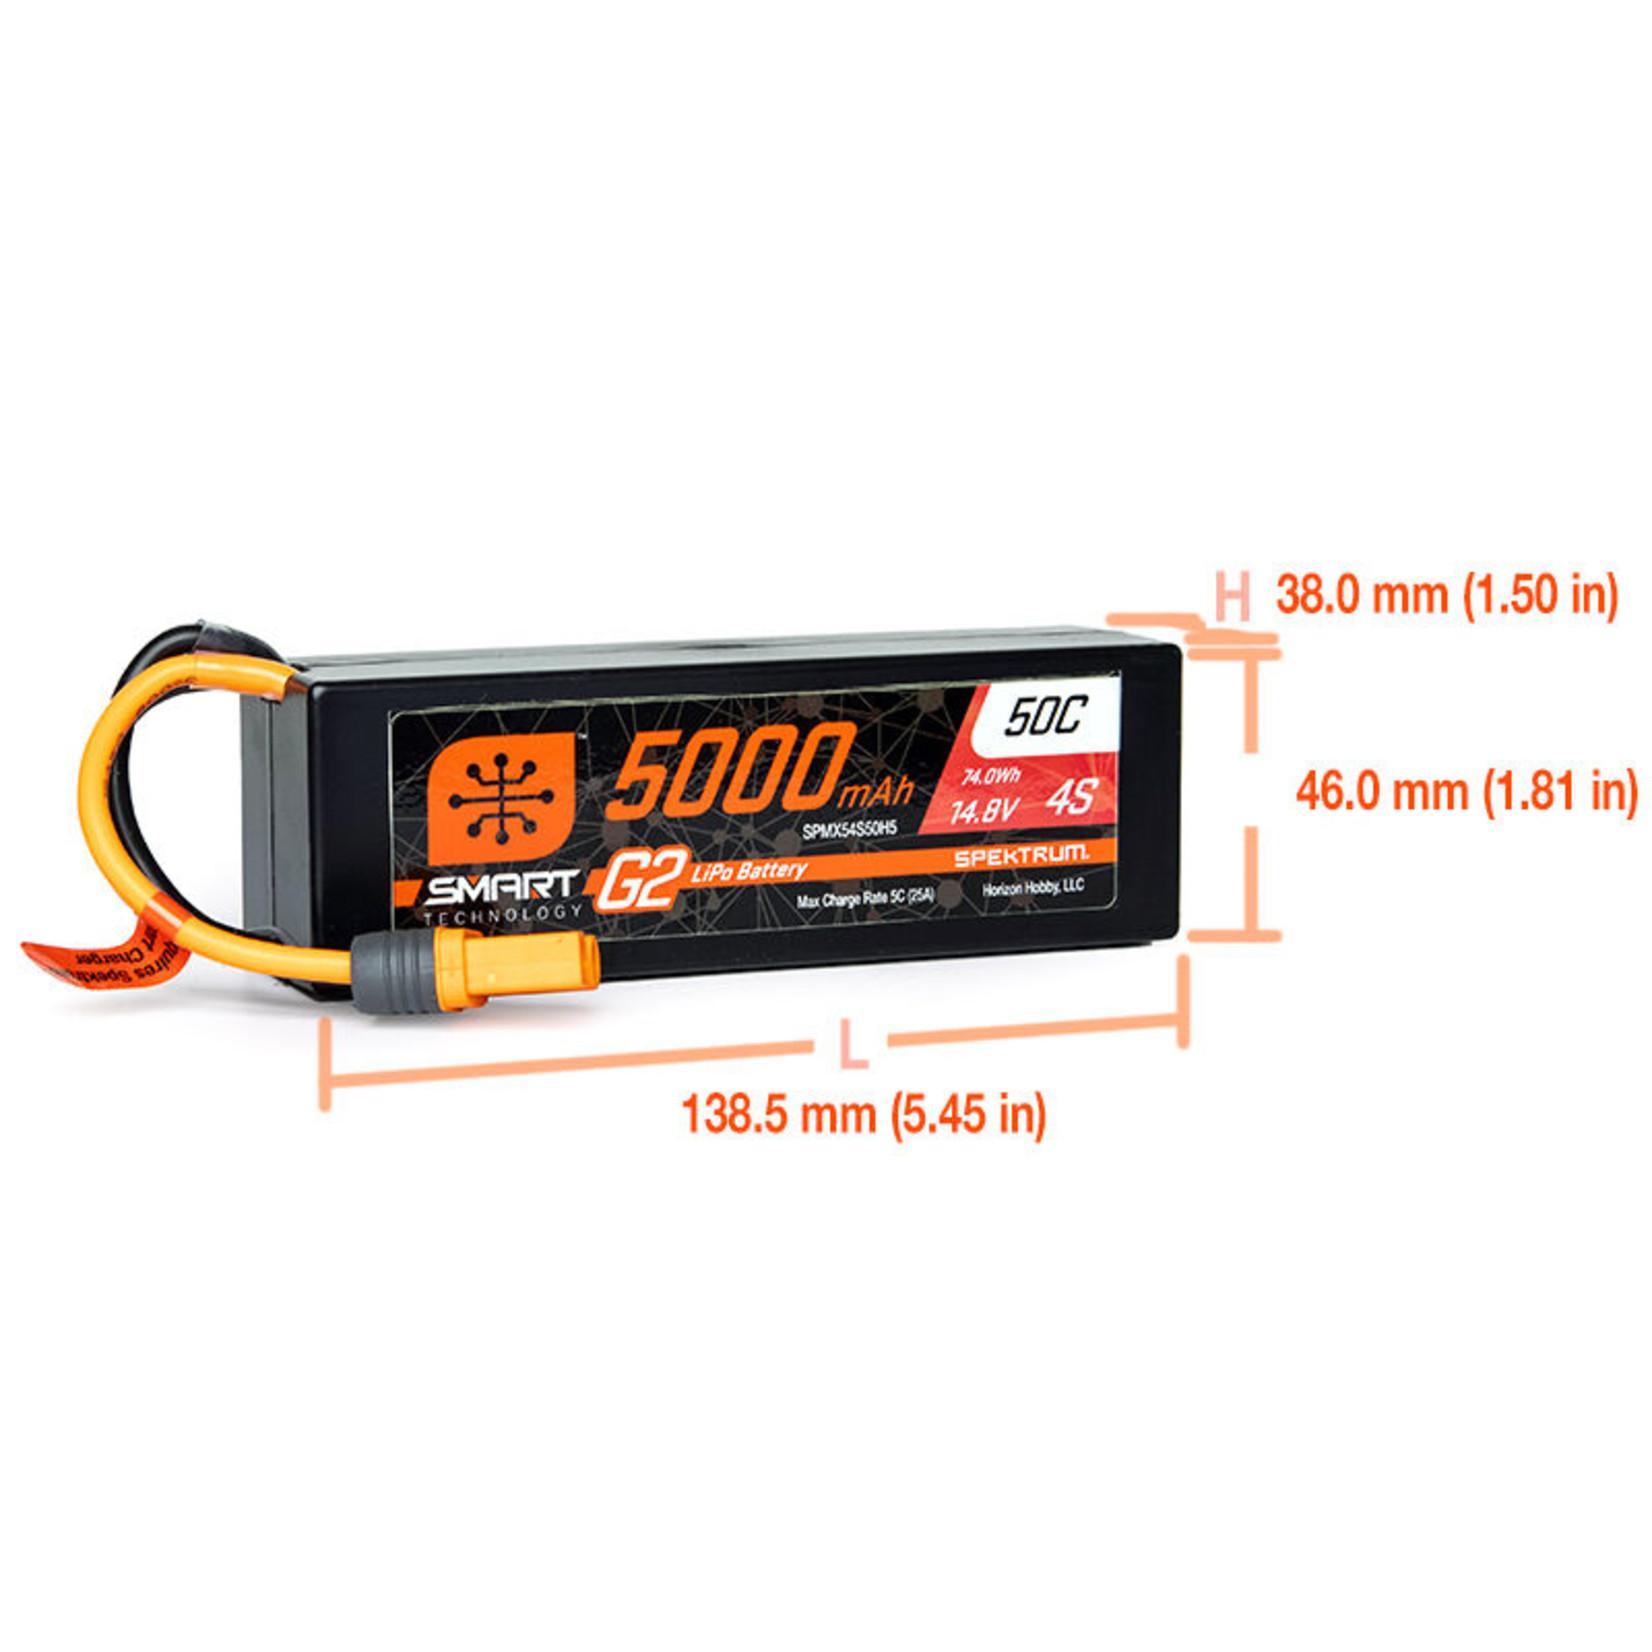 SPMX54S50H5 Spektrum 14.8V 5000mAh 4S 50C Smart LiPo G2 Hard Case: IC5